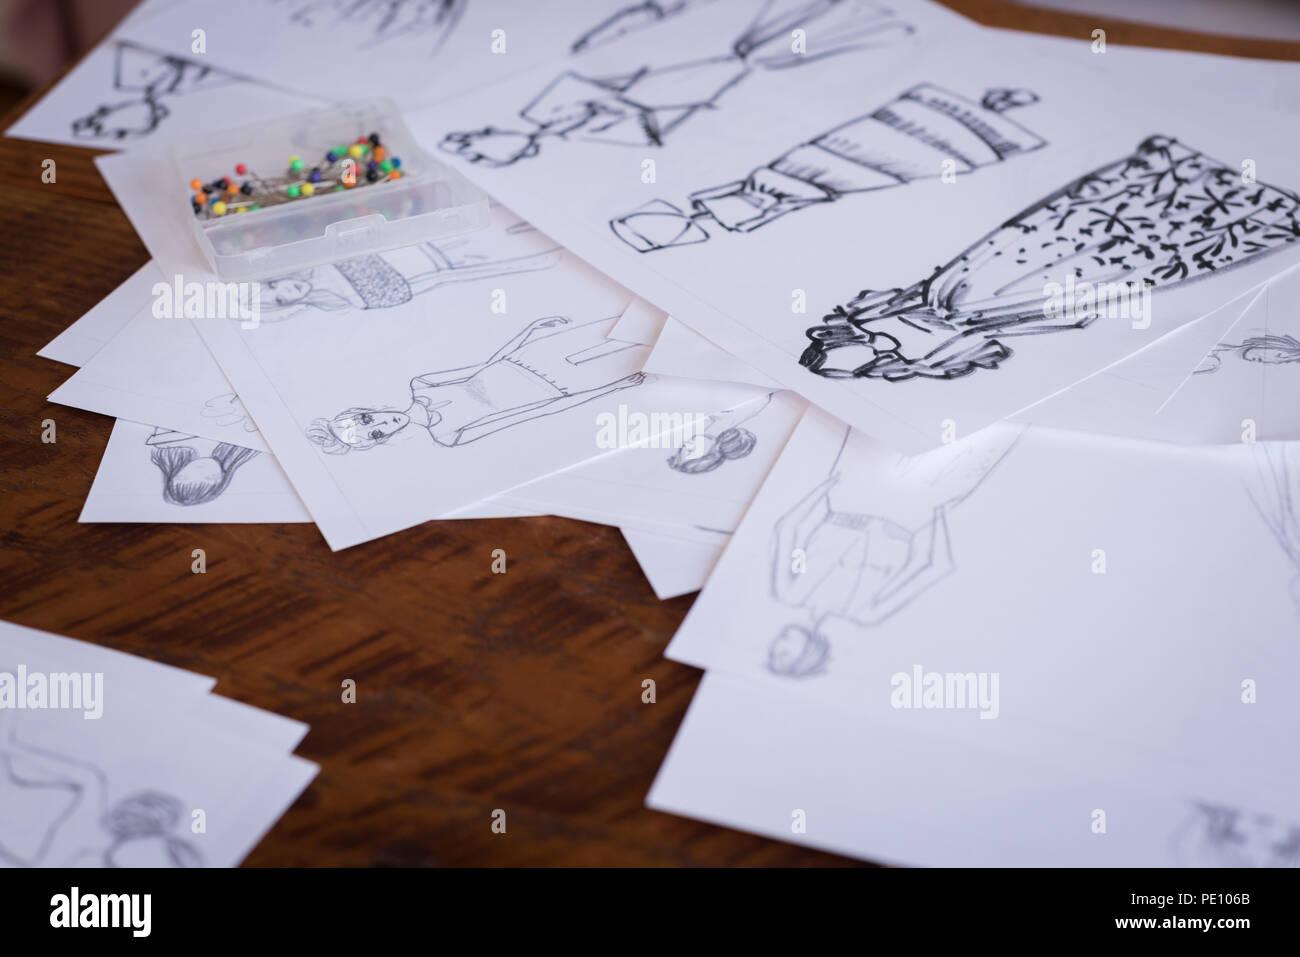 Schizzi di design sulla tavola in studio Immagini Stock